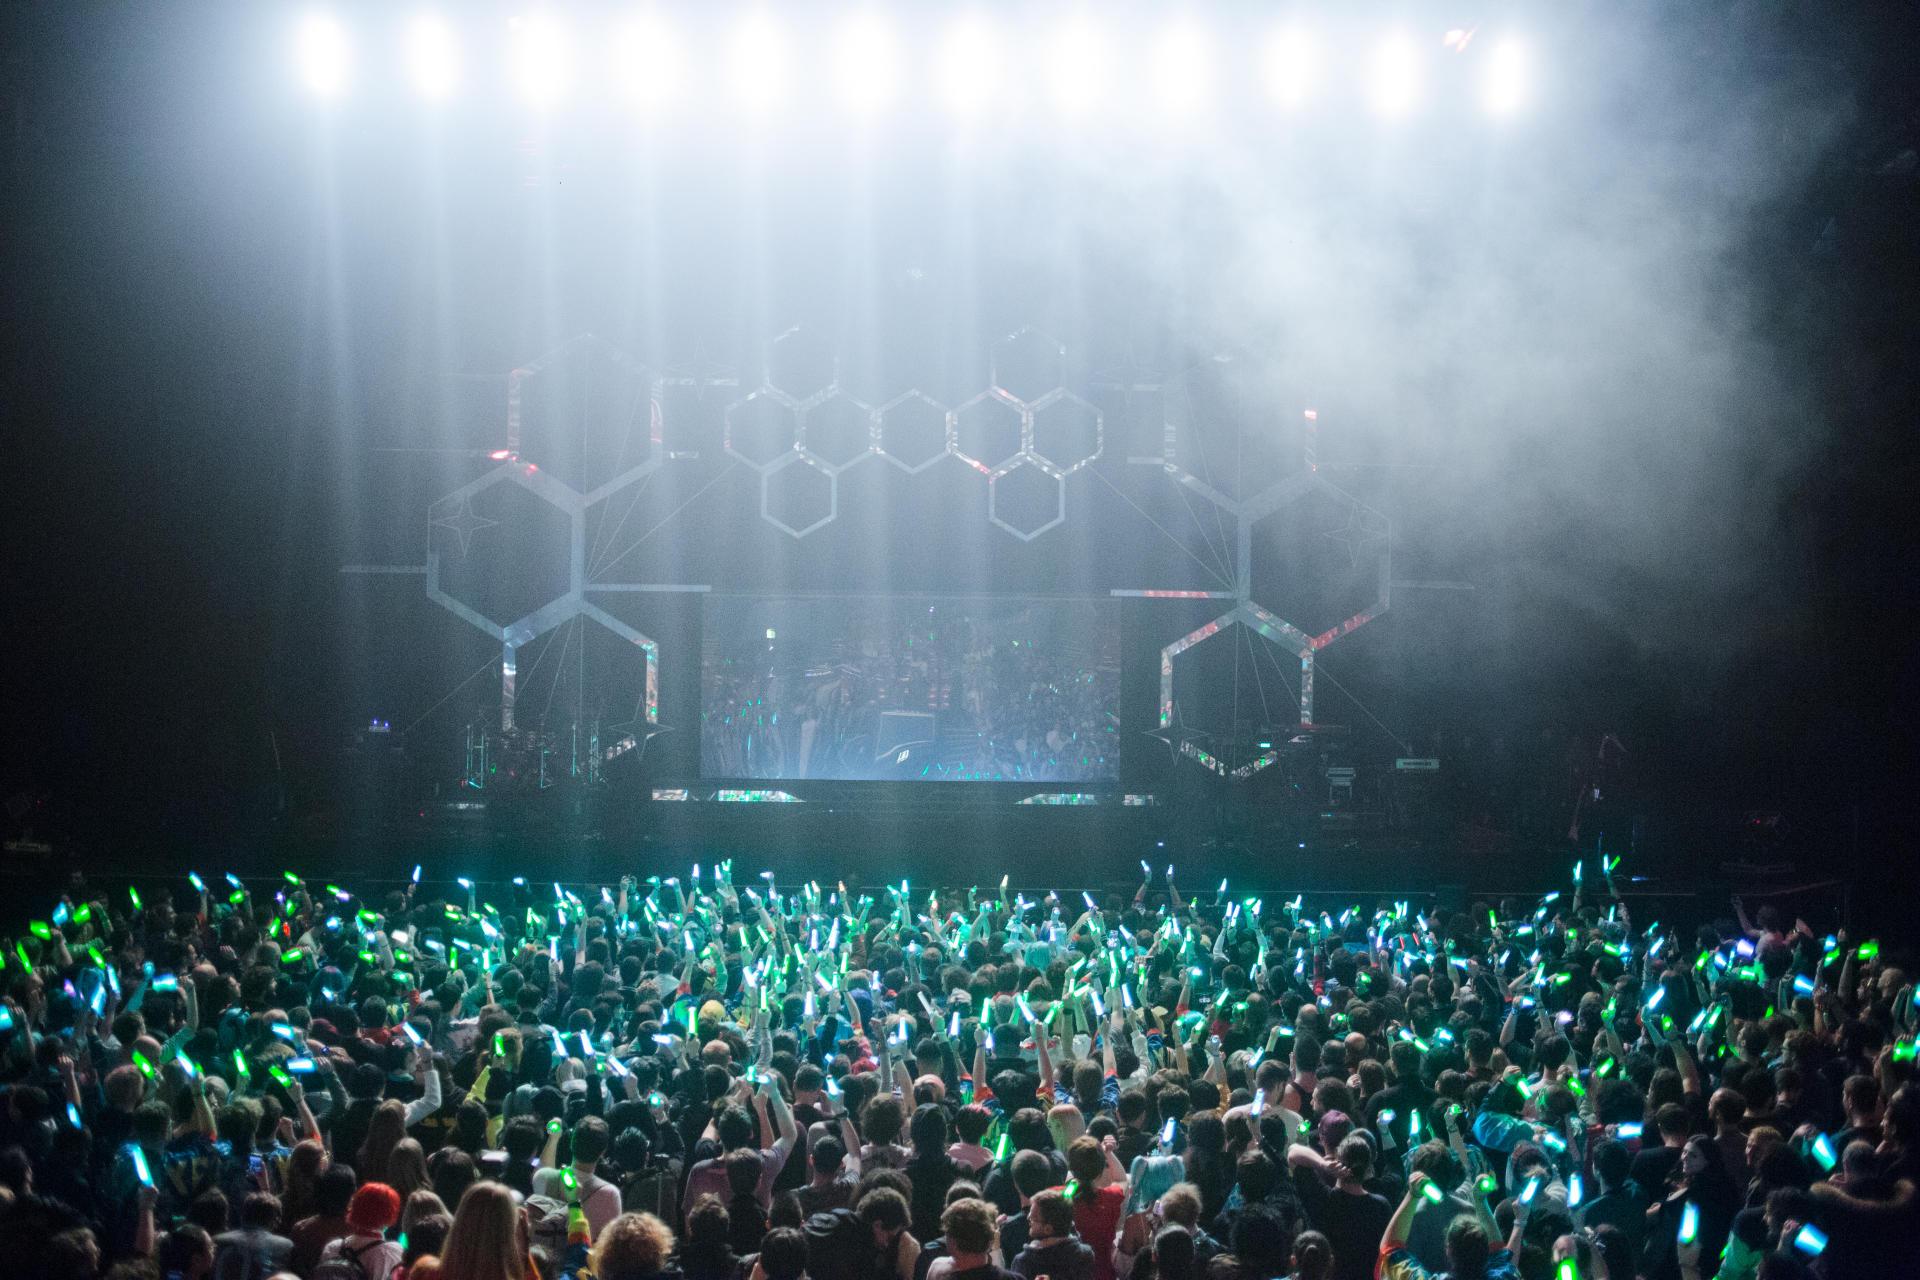 En attendant que la star virtuelle arrive sur scène, les spectateurs la réclament en brandissant leur«glow stick».